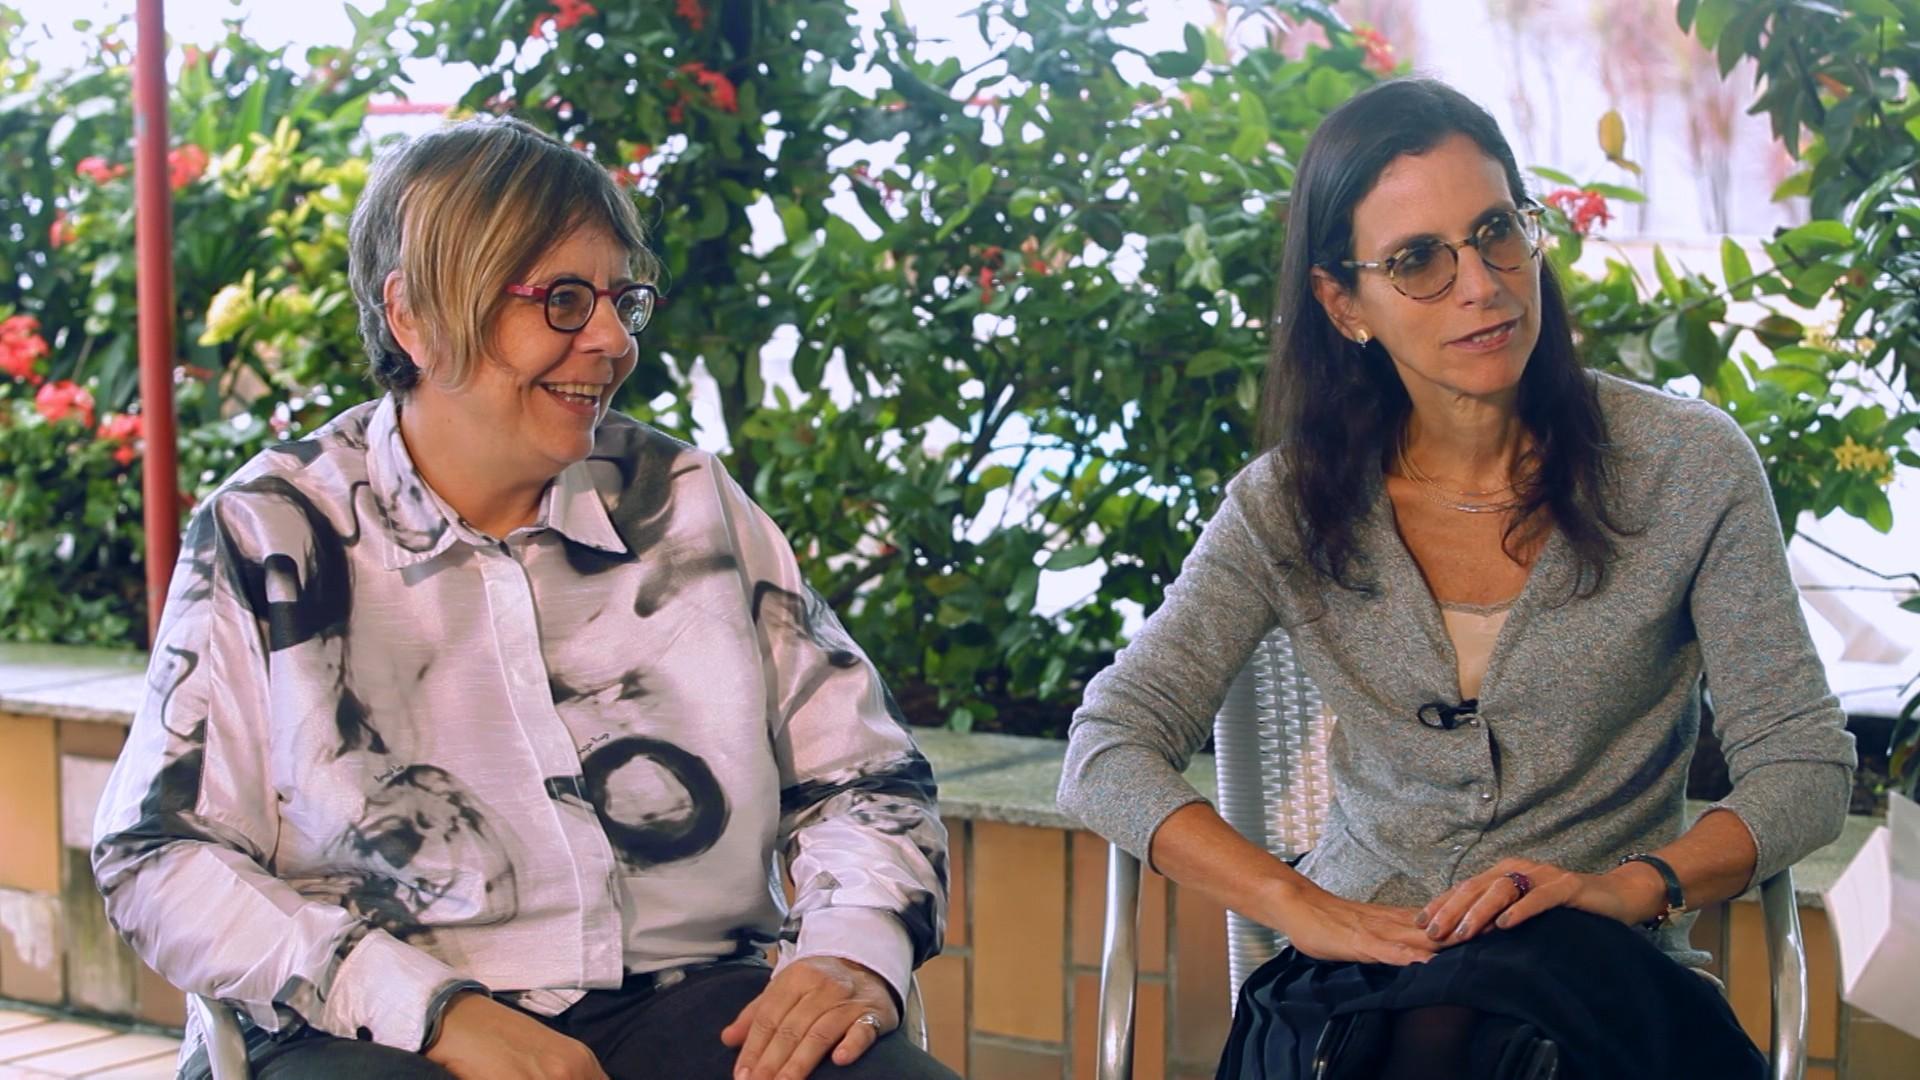 Escritoras Lilia Schwarcz e Heloisa Starling falam sobre o livro 'Brasil, uma Biografia' (Foto: Divulgação)